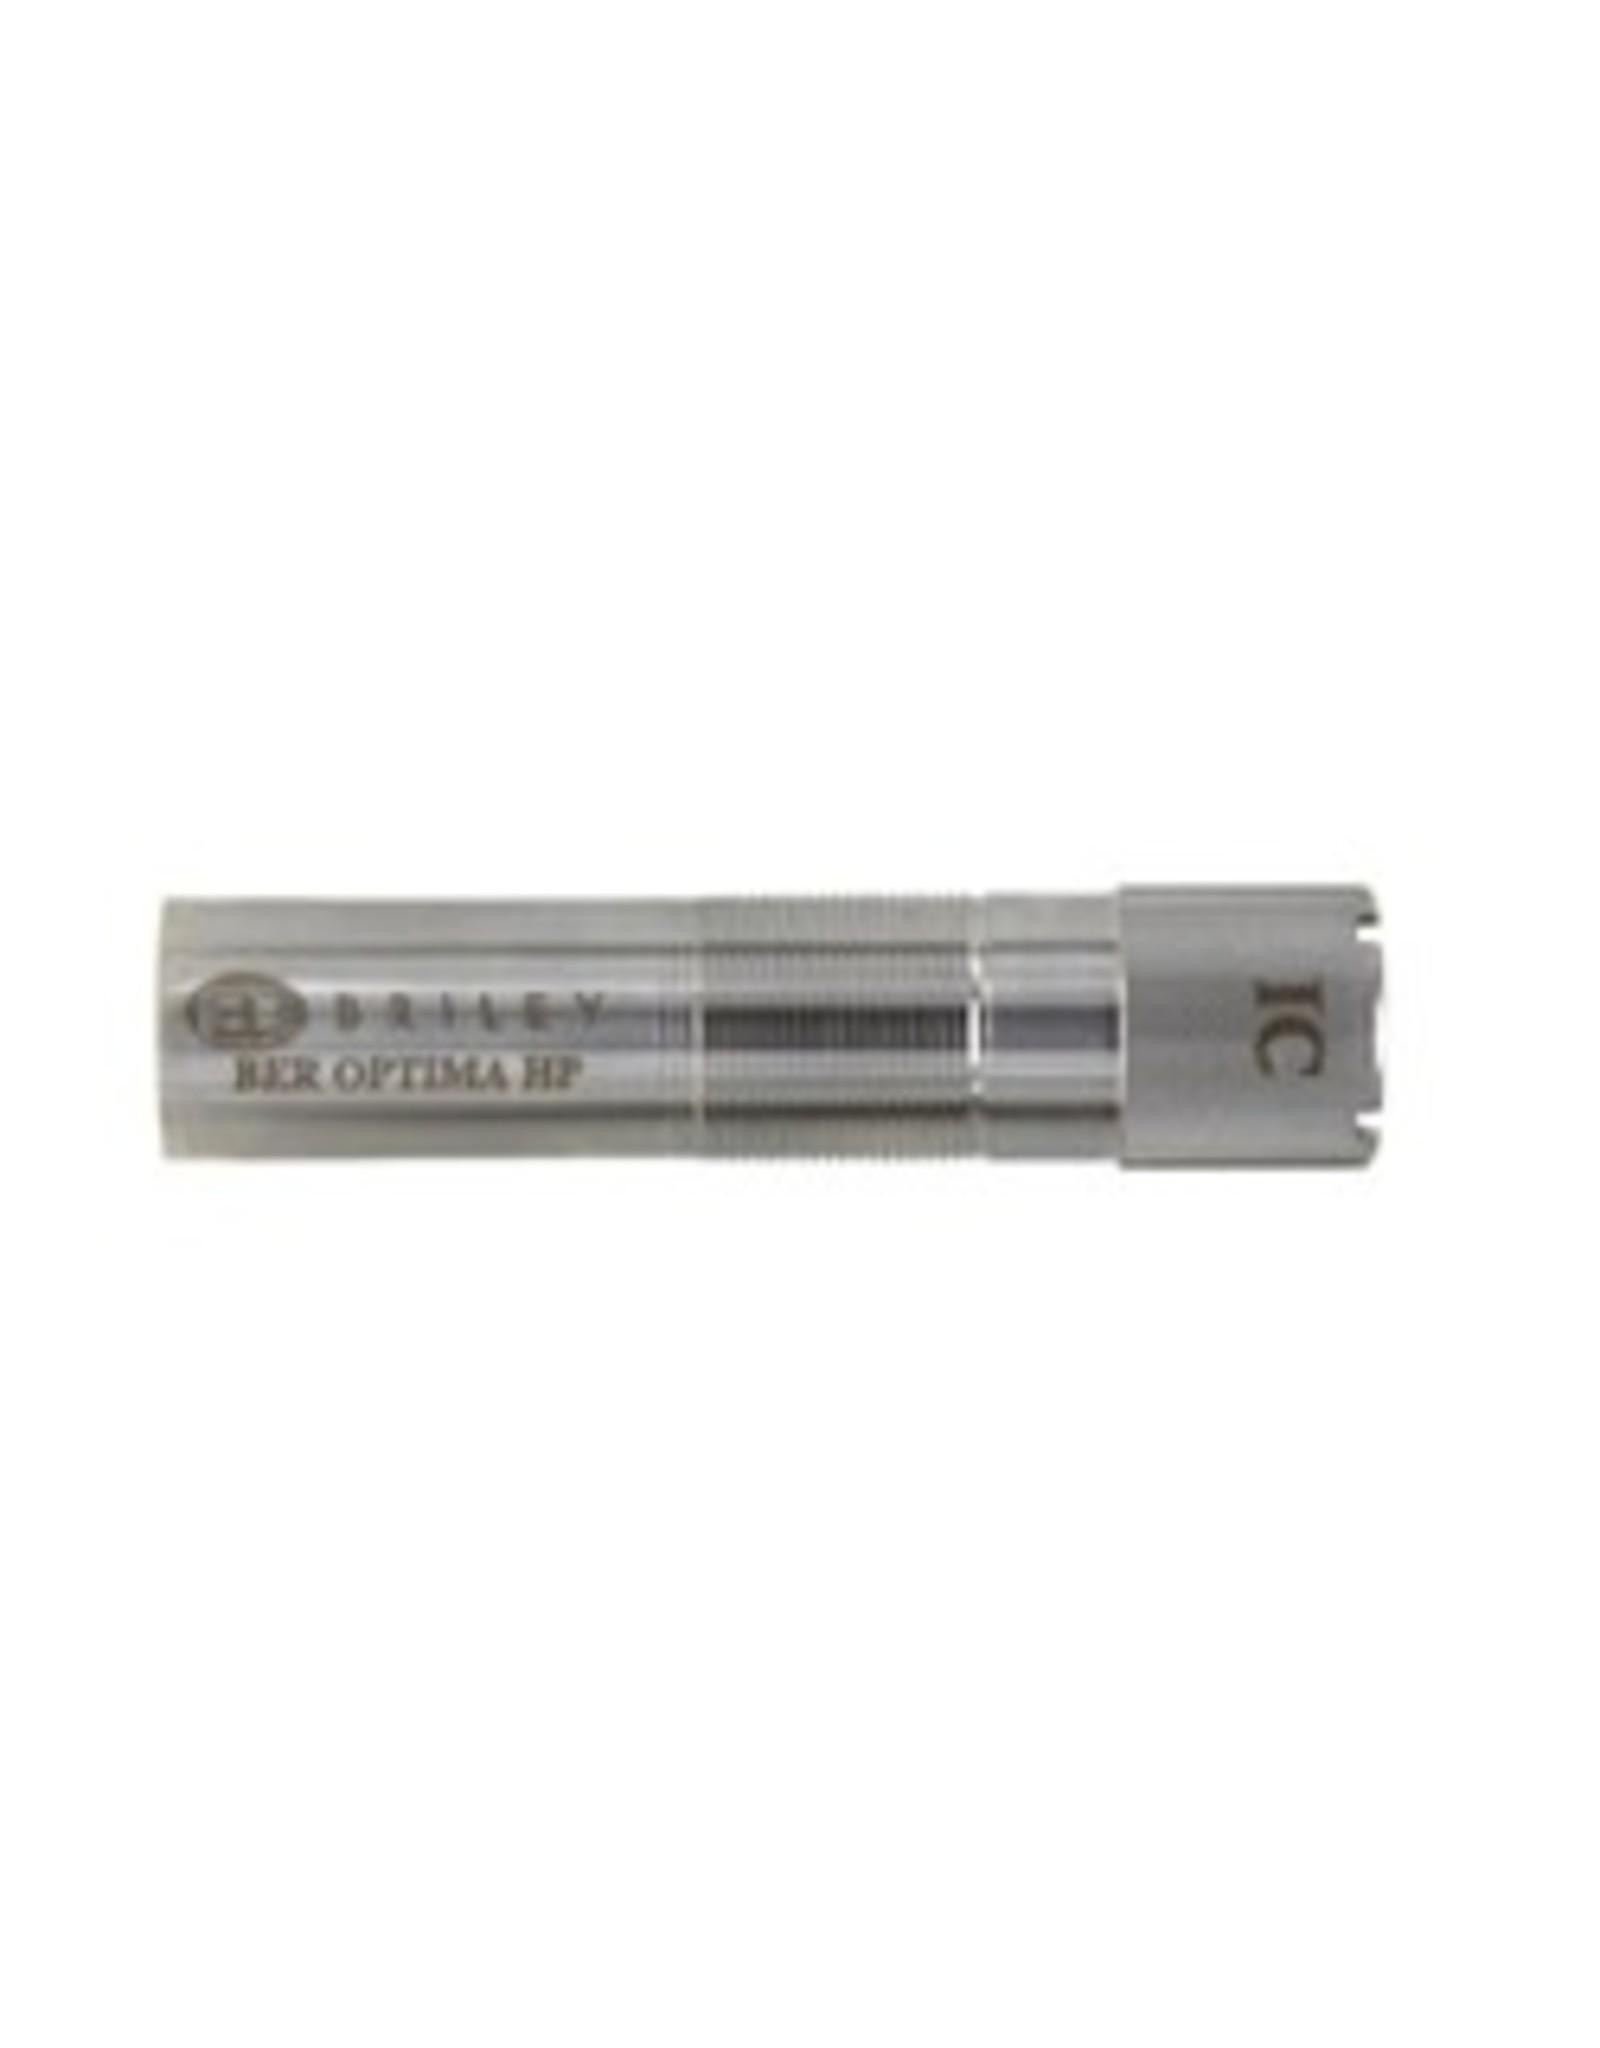 Briley Beretta Optima HP 12ga Ext SS - Light Full